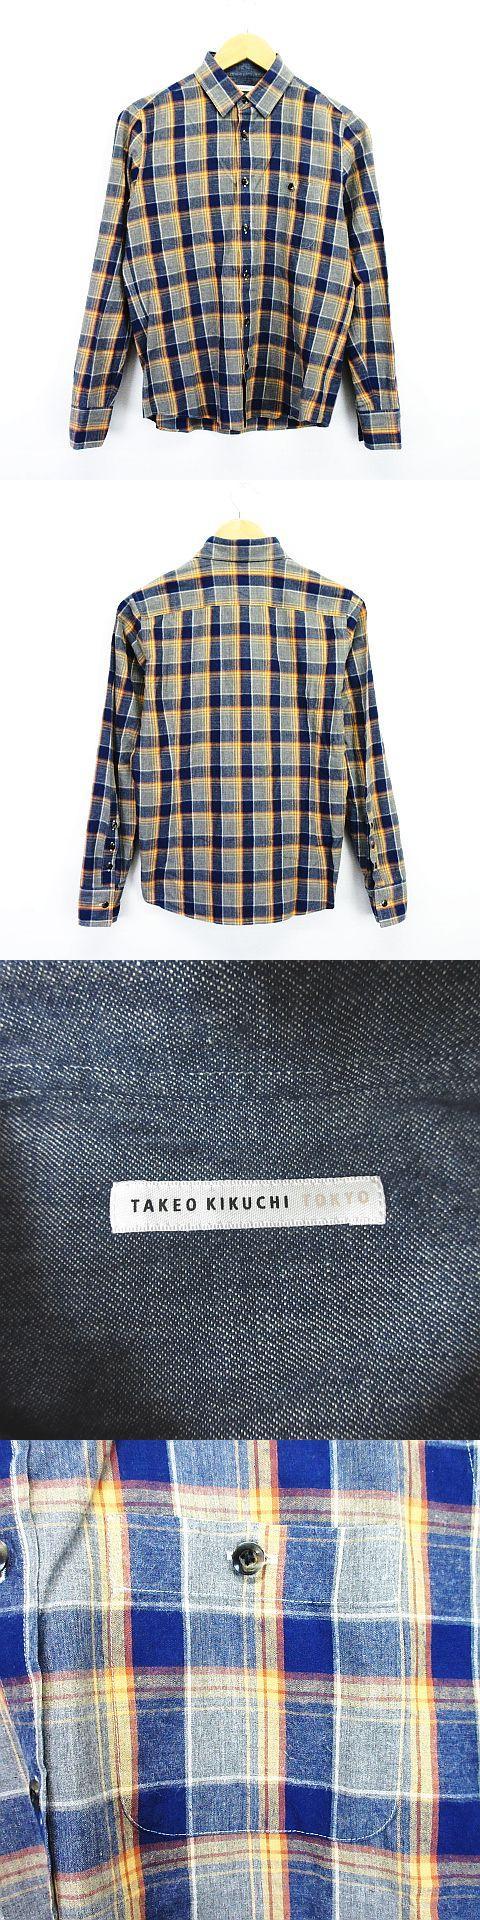 シャツ 長袖 チェック 胸ポケット 1 ネイビー×イエロー×グレー ※EKM